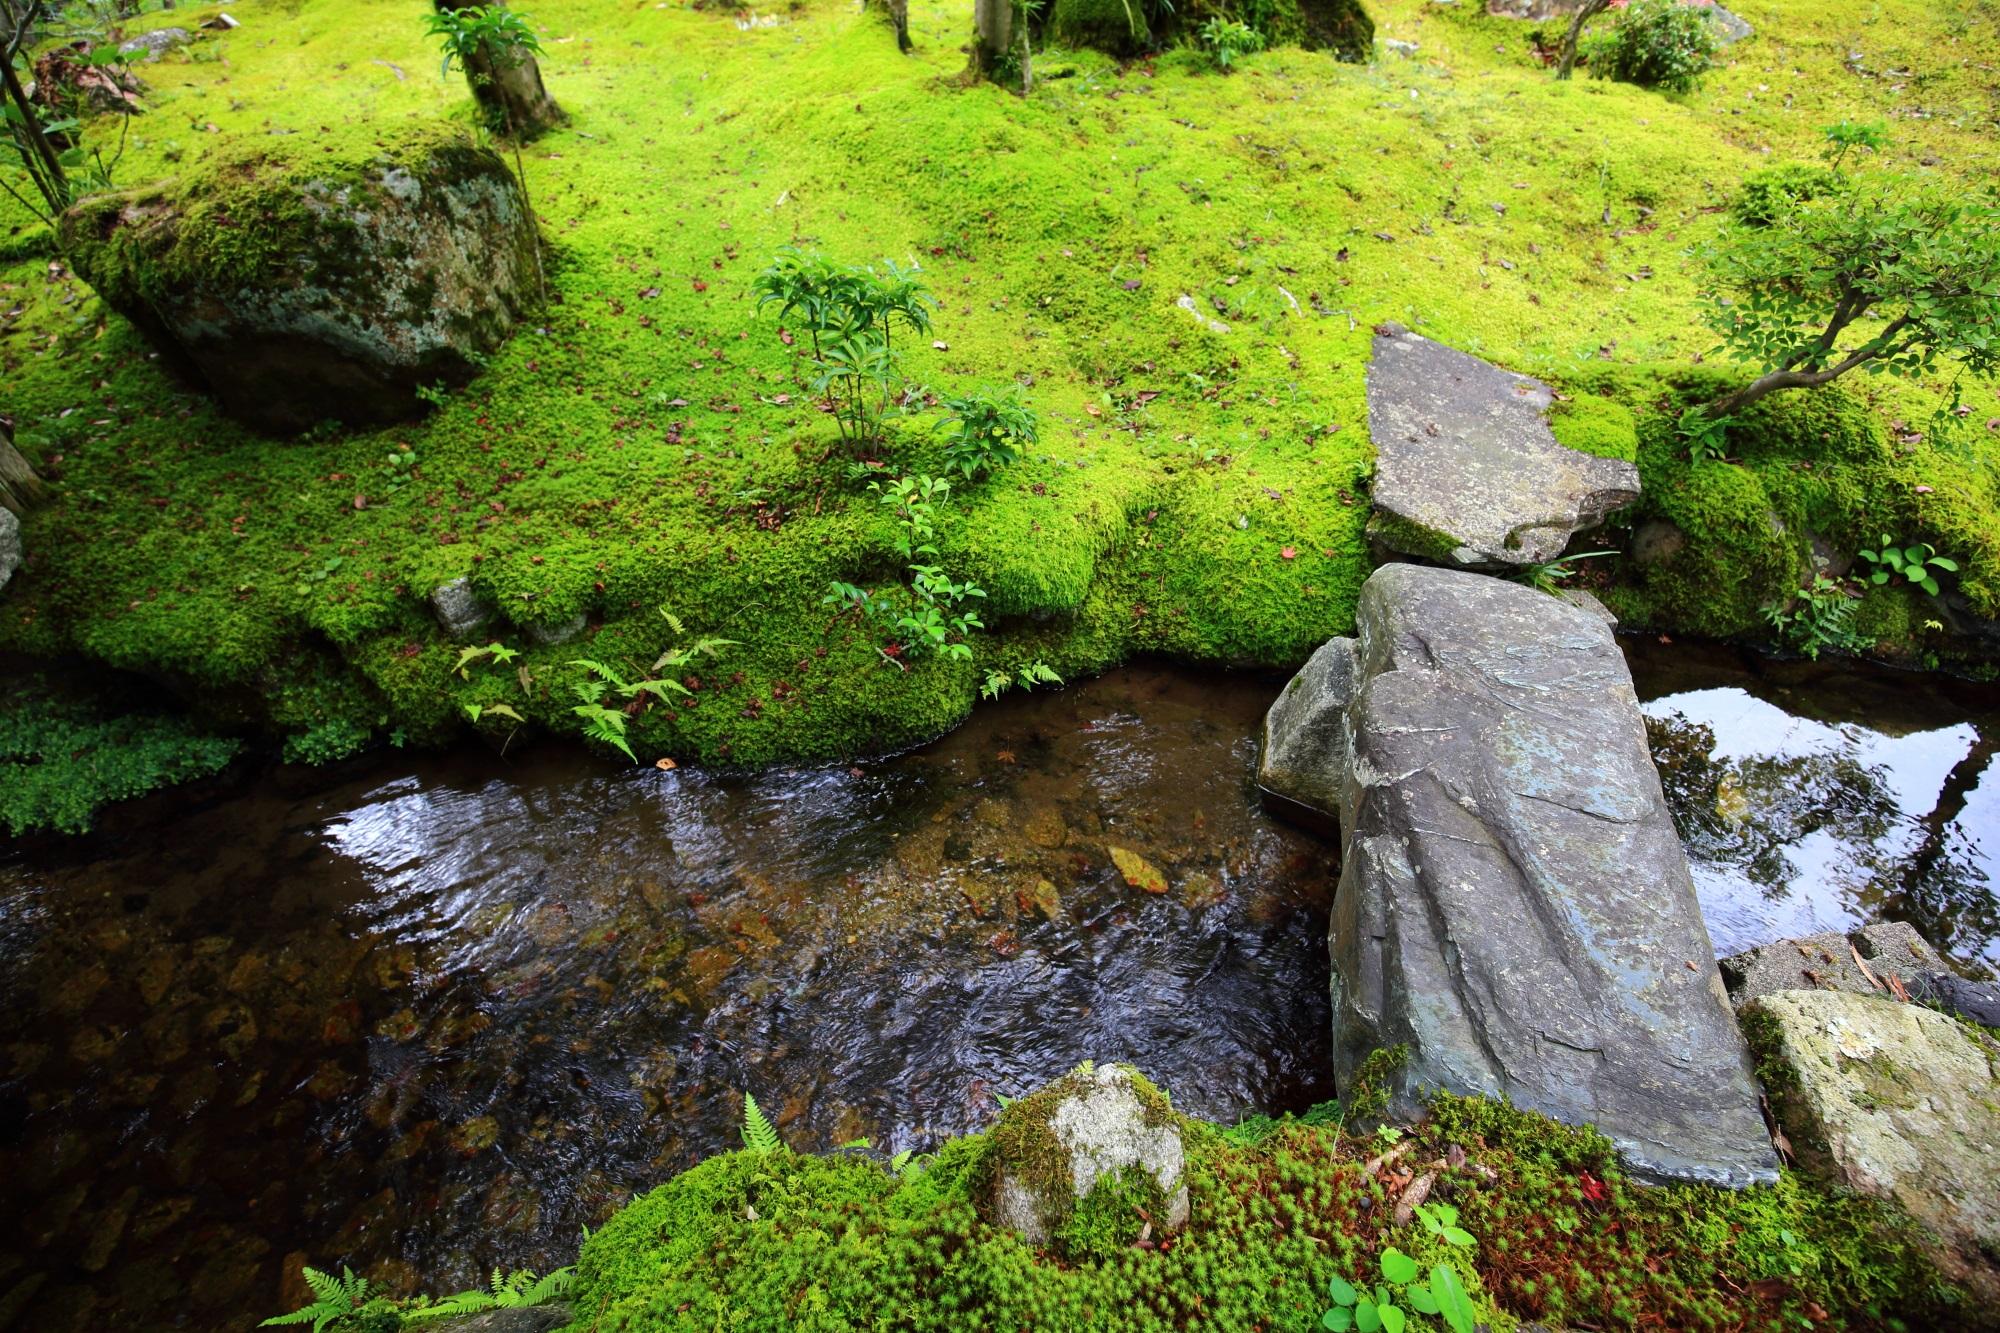 南禅寺 だいねいけん 池 苔